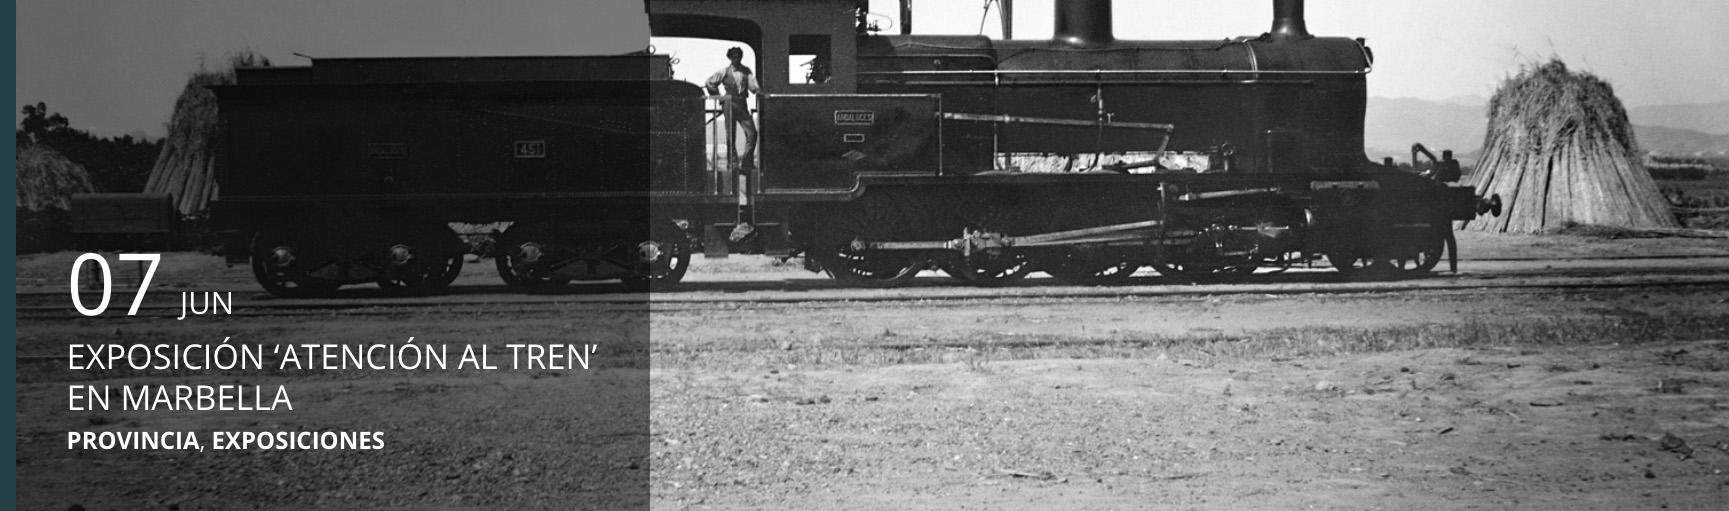 Exposición 'Atención al Tren' en Marbella.